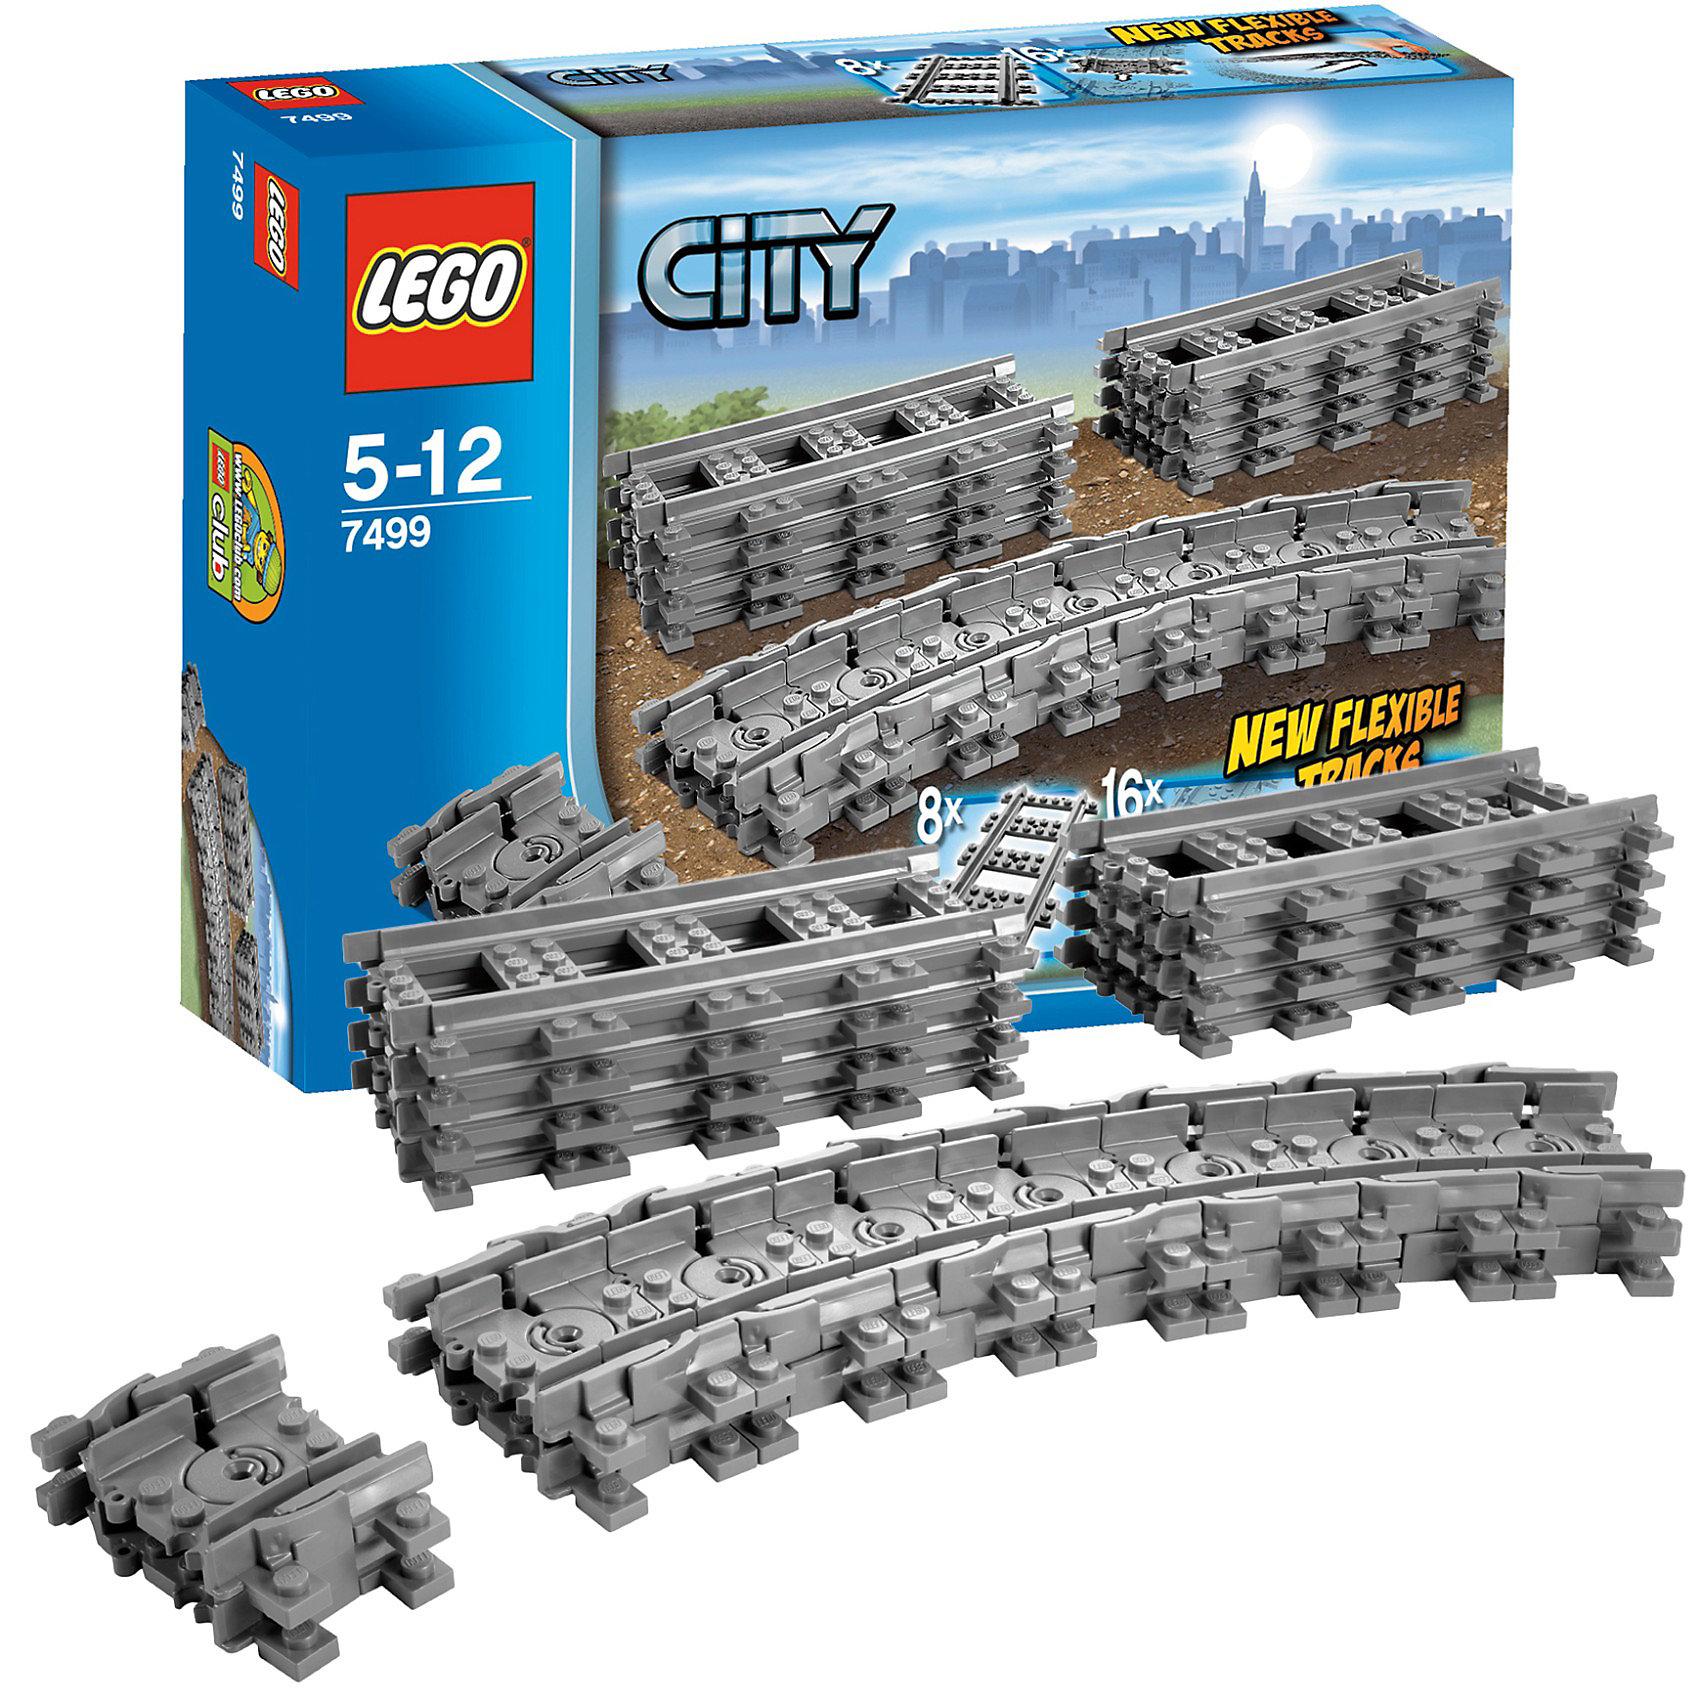 LEGO City 7499: Гибкие рельсыПластмассовые конструкторы<br>С гибкими рельсами от LEGO City (LEGO № 7499) препятствия можно просто объехать. <br><br>С помощью рельсов можно расширить железнодорожную систему так, чтобы препятствия и неудобные углы можно было просто объехать. Теперь каждый поезд доедет до пункта назначения! <br><br>Дополнительные информация: <br><br>- в набор входят 8 прямых рельсов и 16 гибких рельсов <br>- Артикул LEGO № 7499 <br>- Количество деталей LEGO: 24 <br>- Подходят к наборам LEGO 7938 и 7939. <br>- Рельсы не проводят электричество и потому не совместимы с поездами LEGO 9V.<br>- Размер упаковки (д/ш/в): 6,1 х 26,2 х 19,1 см. <br>- Серия: ЛЕГО Сити<br>Отличное дополнение для Вашей железной дороги!<br><br>Конструктор LEGO City 7499: Гибкие рельсы можно купить в нашем магазине.<br><br>Ширина мм: 266<br>Глубина мм: 193<br>Высота мм: 66<br>Вес г: 311<br>Возраст от месяцев: 60<br>Возраст до месяцев: 144<br>Пол: Мужской<br>Возраст: Детский<br>SKU: 2128652